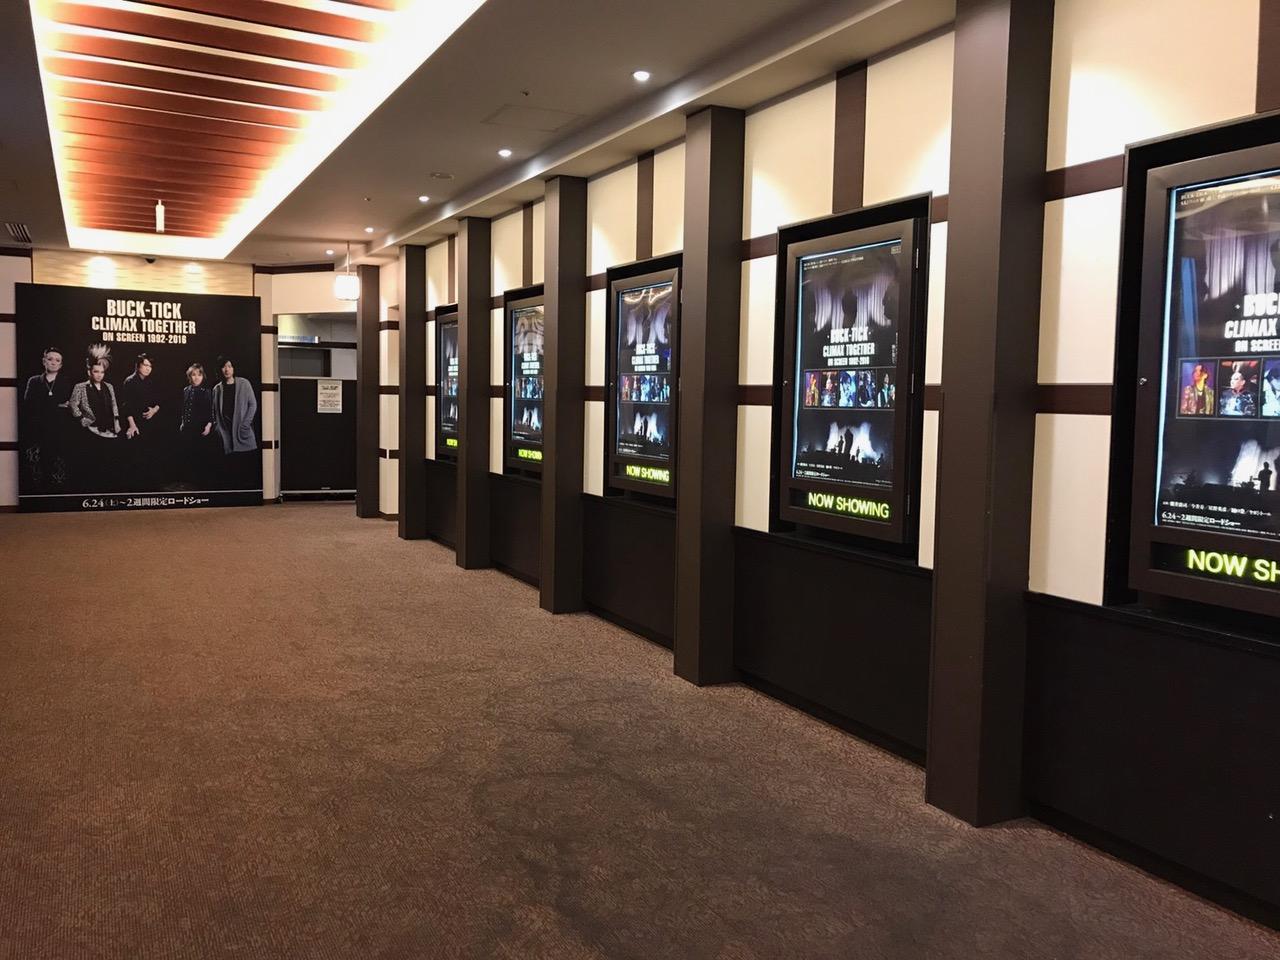 【イベントレポート】大盛況におわったBUCK-TICK映画世界最速先行上映会!さらに上映劇場追加&グッズ通販も決定。